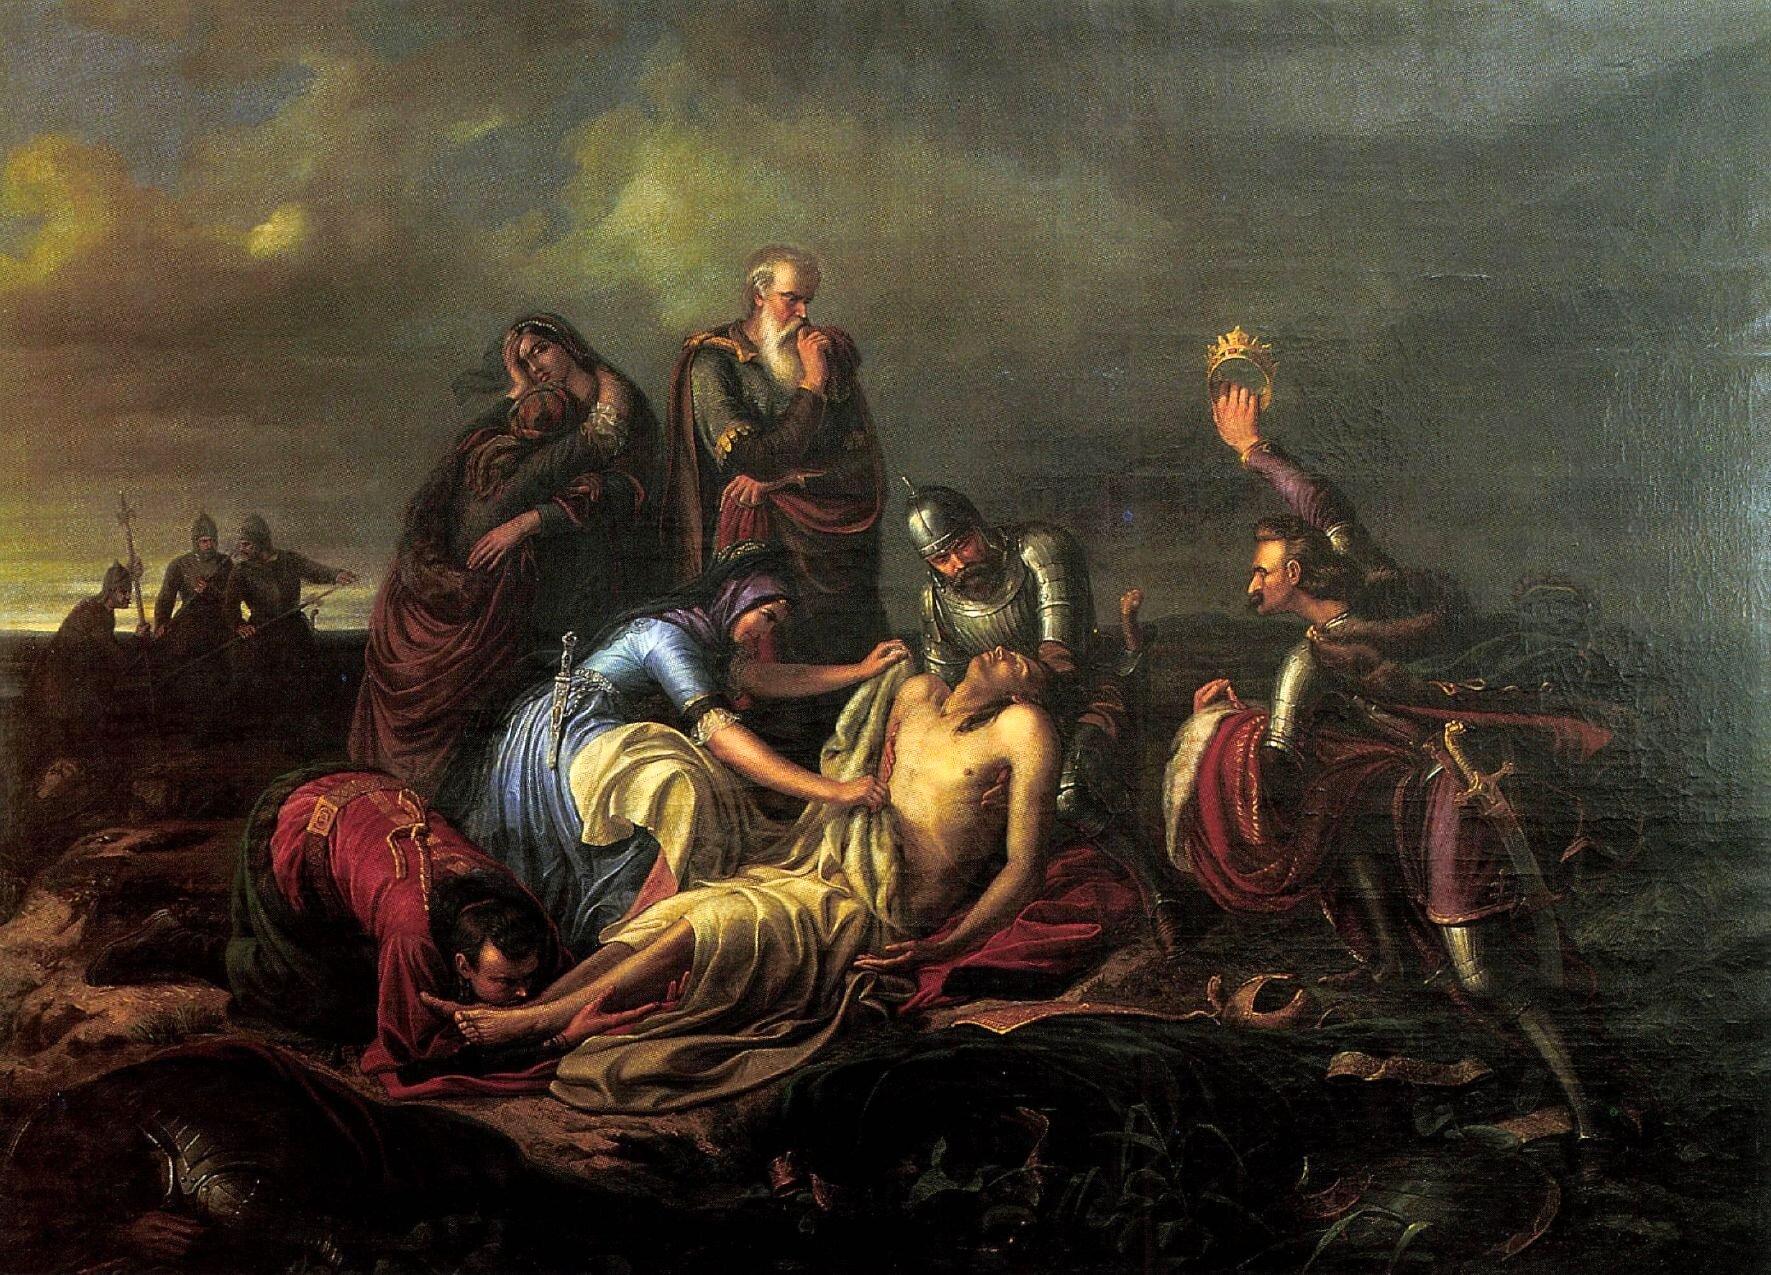 Odnalezienie ciała króla Ludwika II Ludwik IIprawdopodobnie utonąłwtrakcie ucieczki zpola bitwy, ajego zwłoki odnaleziono dopiero jakiś czas po bitwie. Wtrakcie sporu Ferdynanda IzJanem Zapolyą okoronę węgierską była rozpowszechniana innawersja- sprawcą śmierci króla miał być brat Jana - Jerzy Zapolya. Źródło: Soma Orlai Petrich, Odnalezienie ciała króla Ludwika II, 1851-1852, olej na płótnie, Biblioteka Uniwersytetu wDebreczynie, domena publiczna.